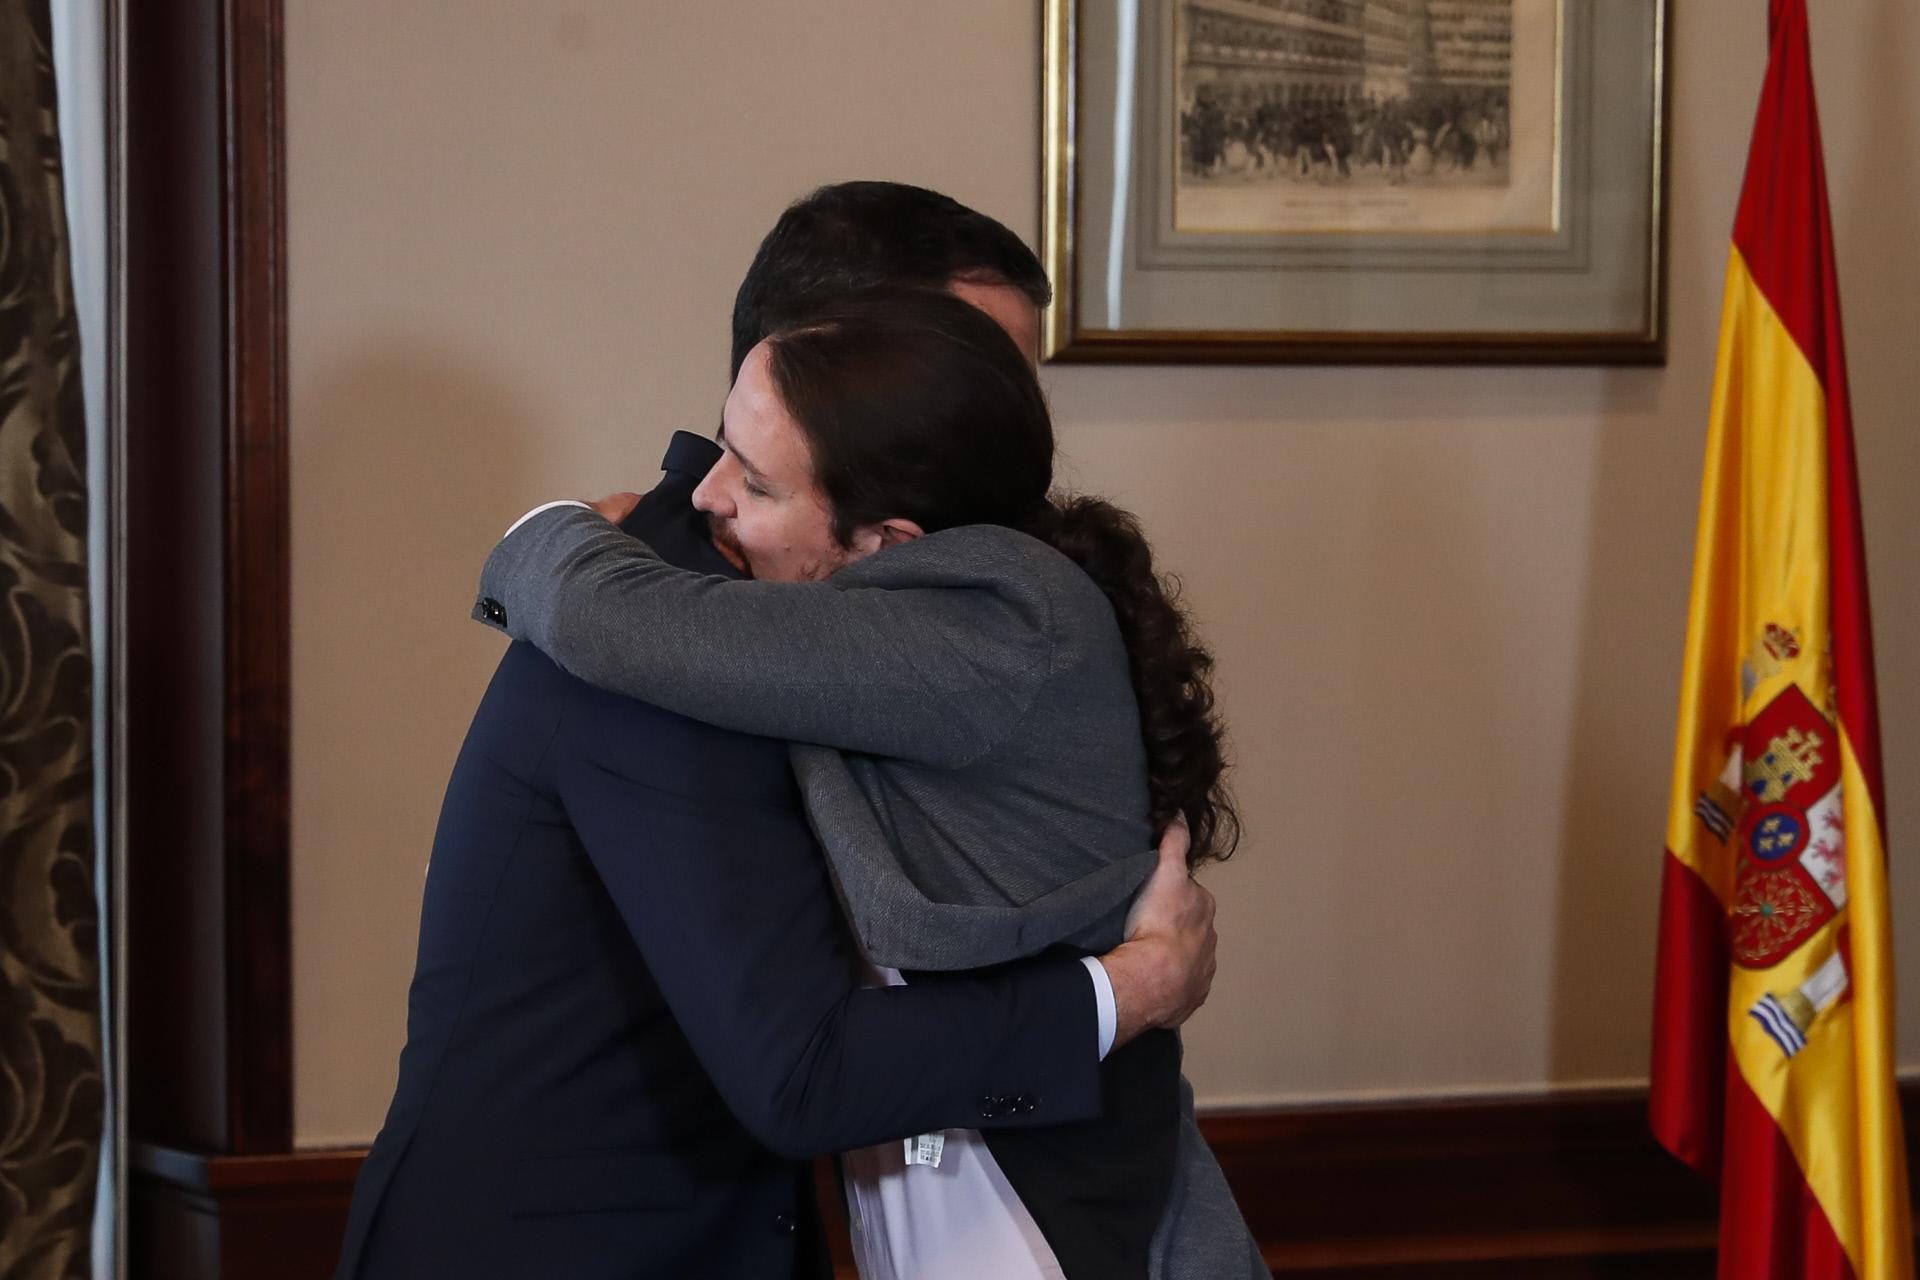 Pedro Sánchez y Pablo Iglesias durante el acuerdo de coalición de Gobierno en 2019 / Gtres